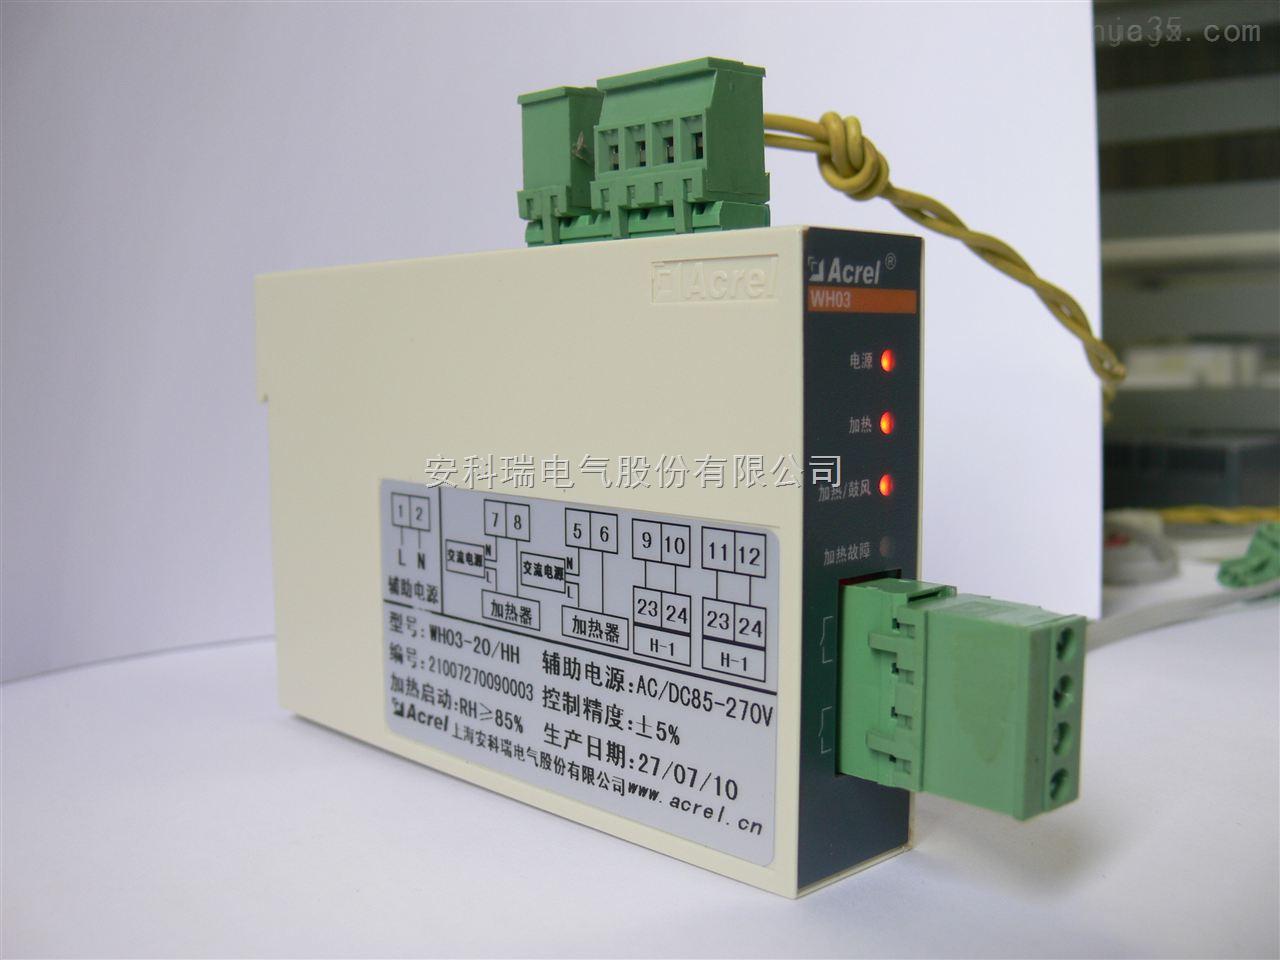 安科瑞 WH03-01/F 导轨安装温湿度控制器